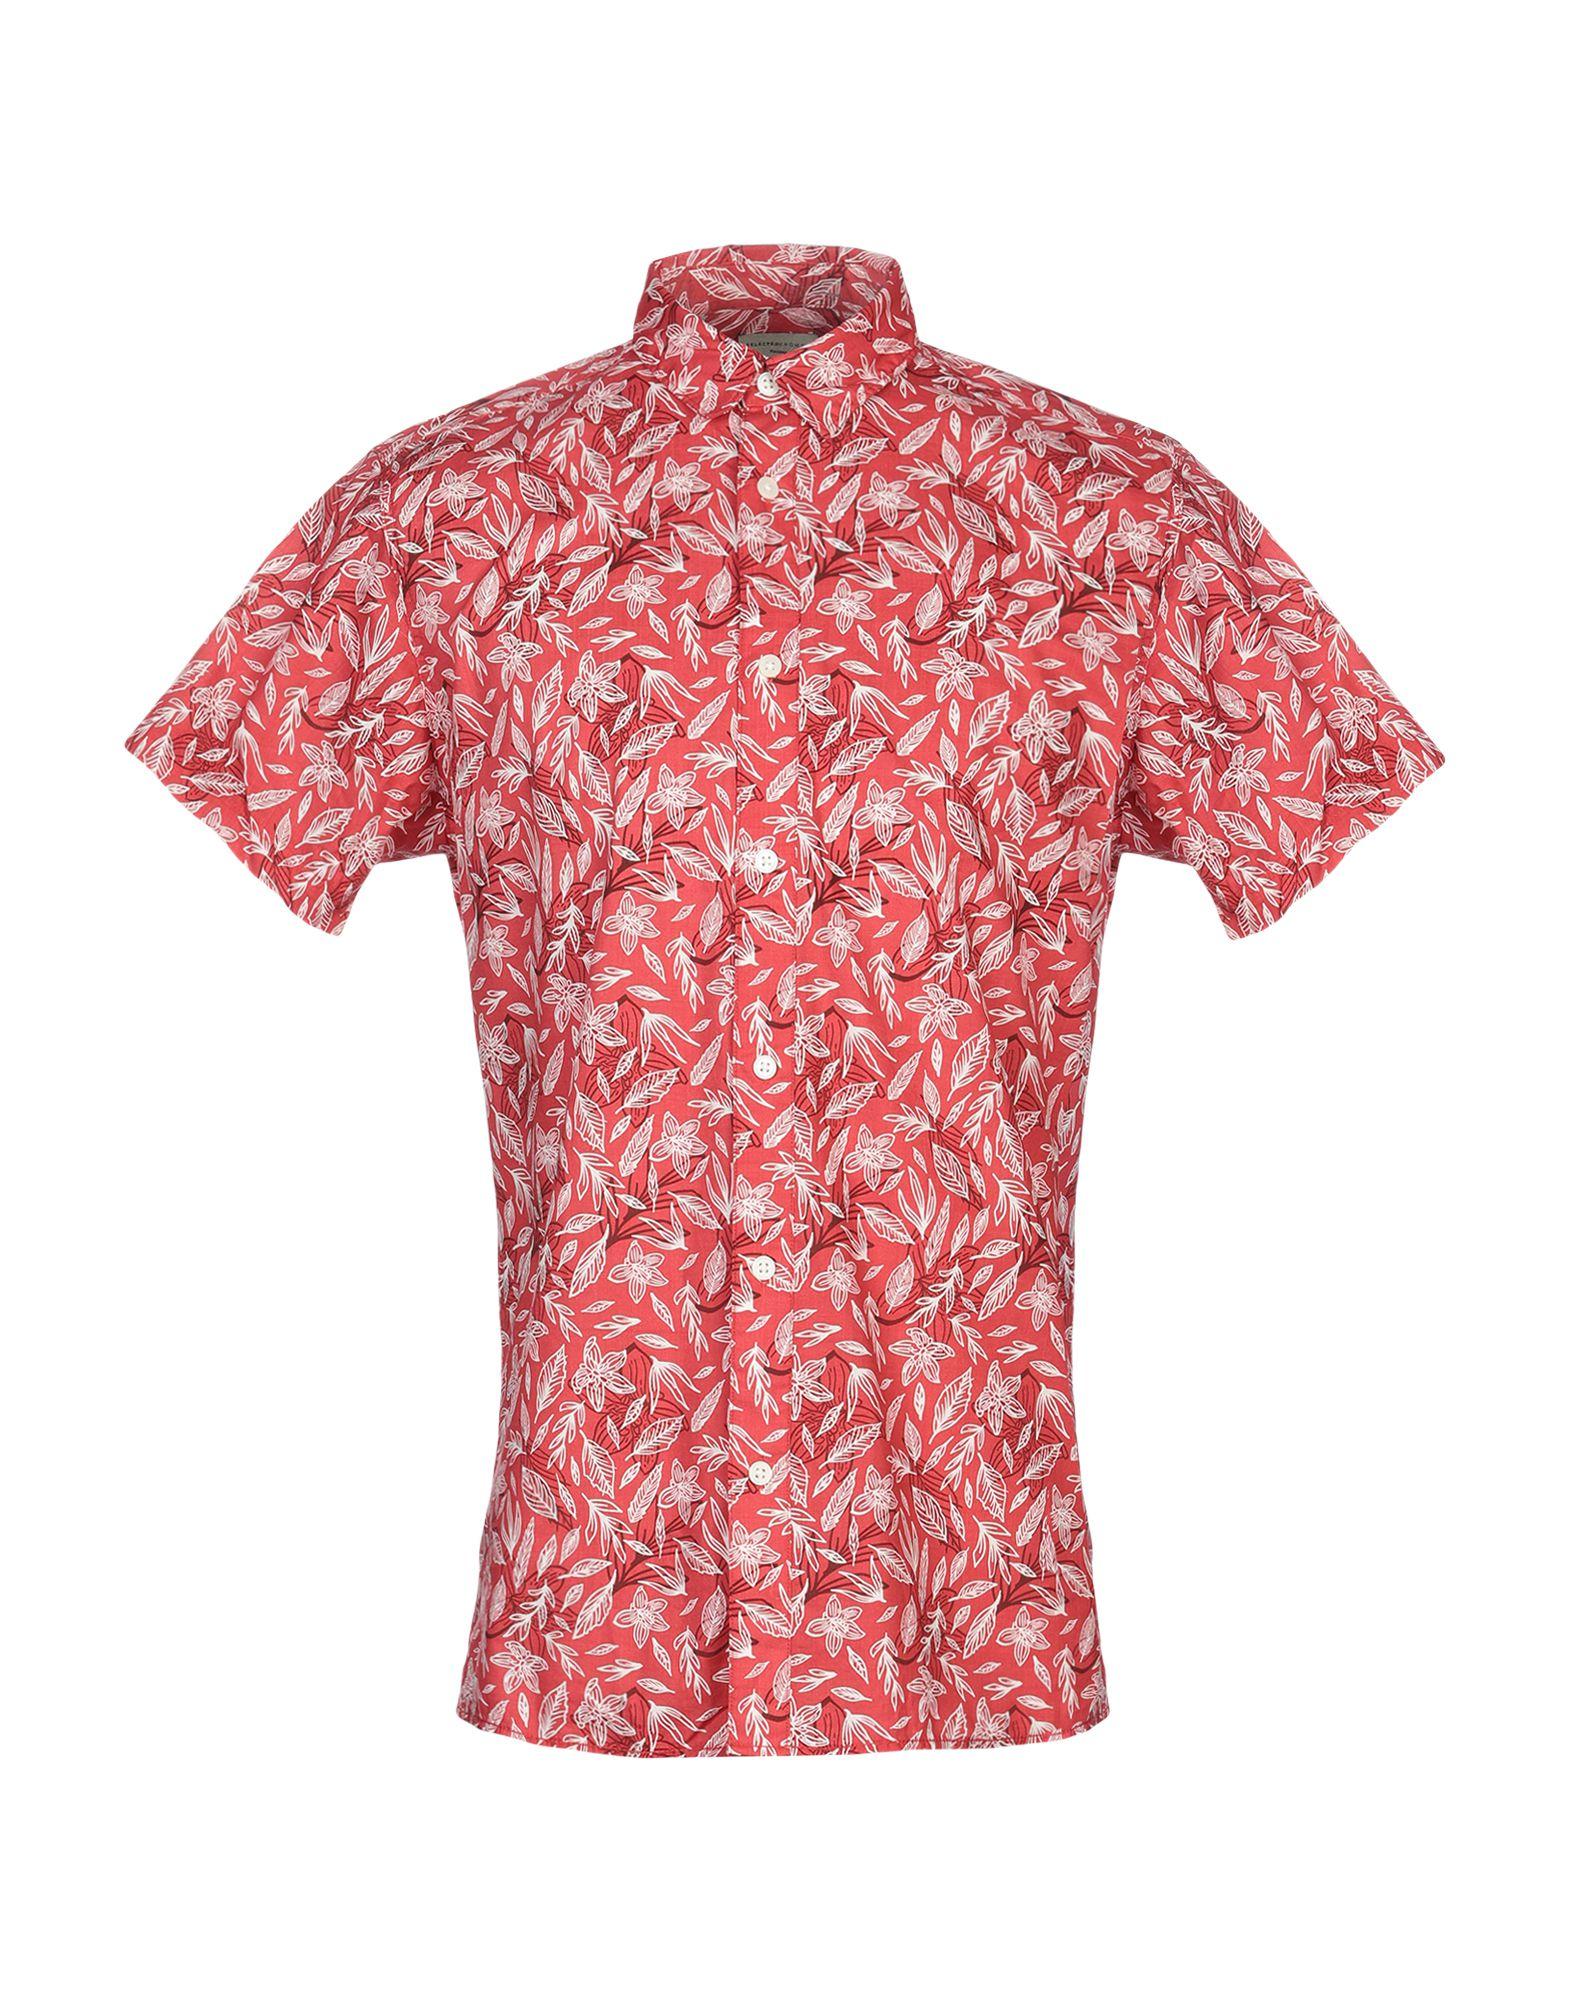 《送料無料》SELECTED HOMME メンズ シャツ レッド S コットン 100%